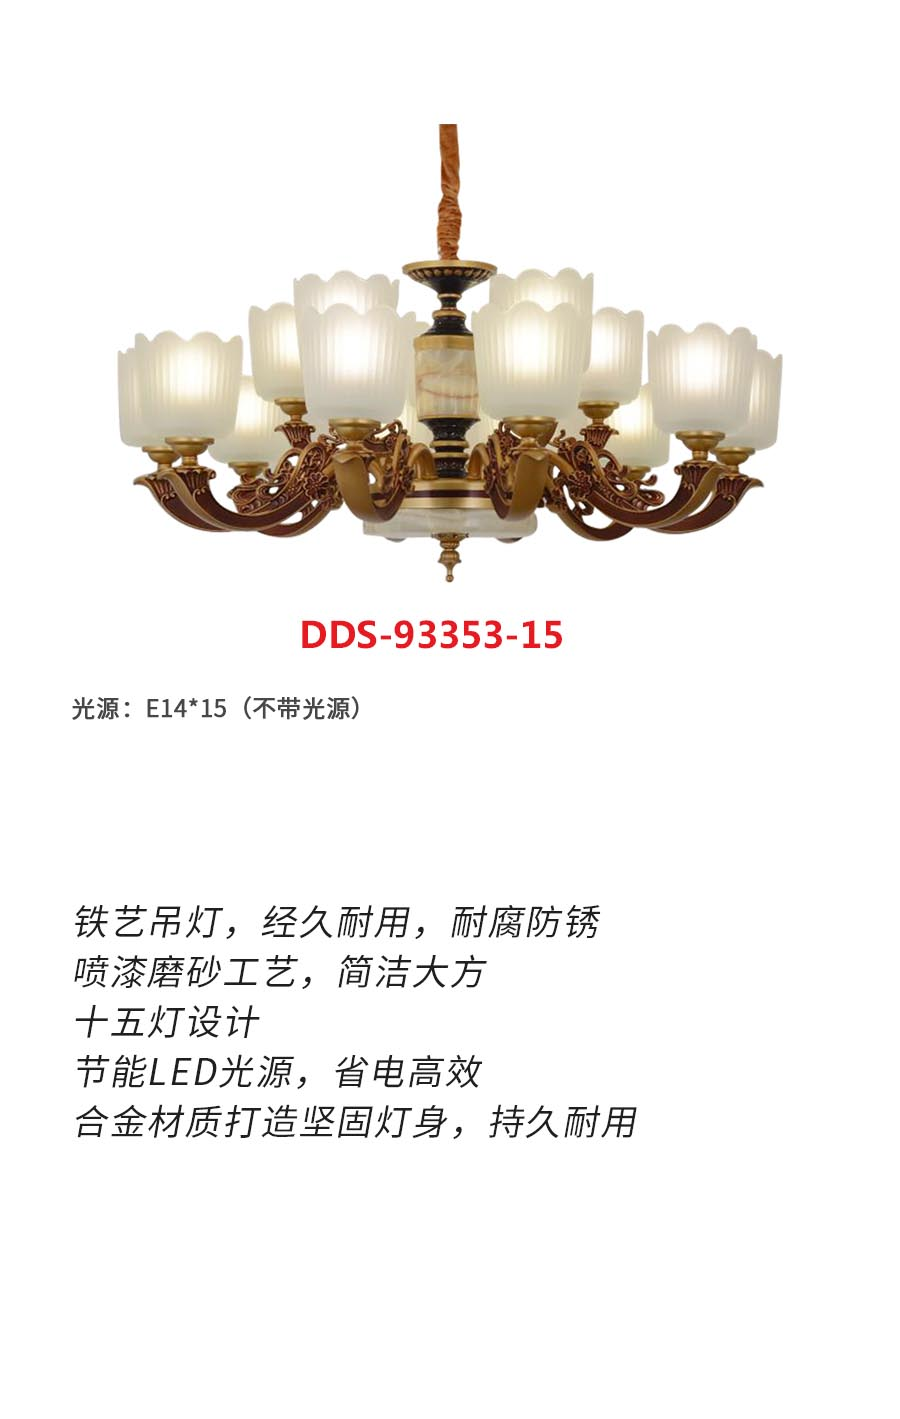 DDS-93353-15b.jpg